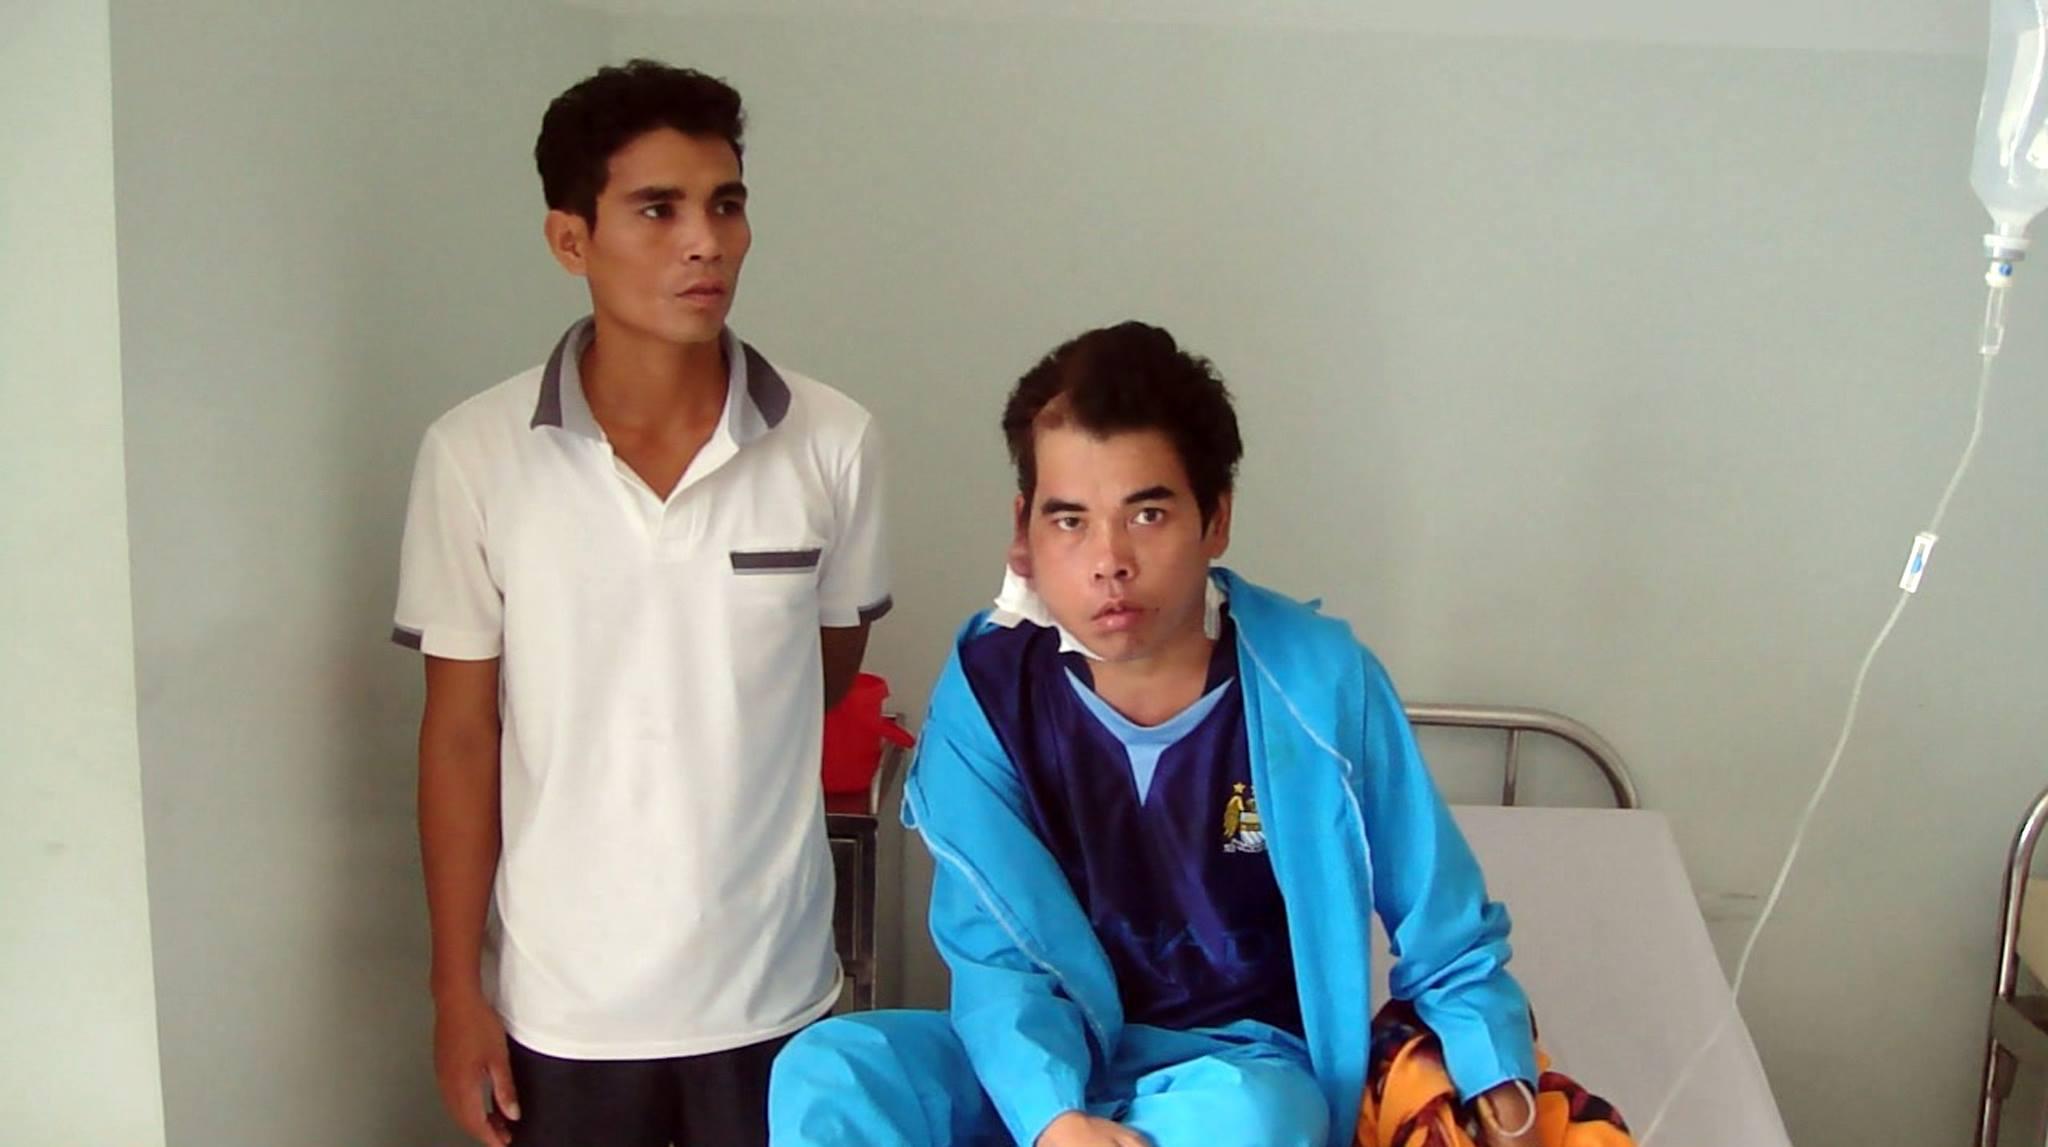 Anh Phú Quang Trưởng cùng em trai (anh Chiến) bên giường bệnh